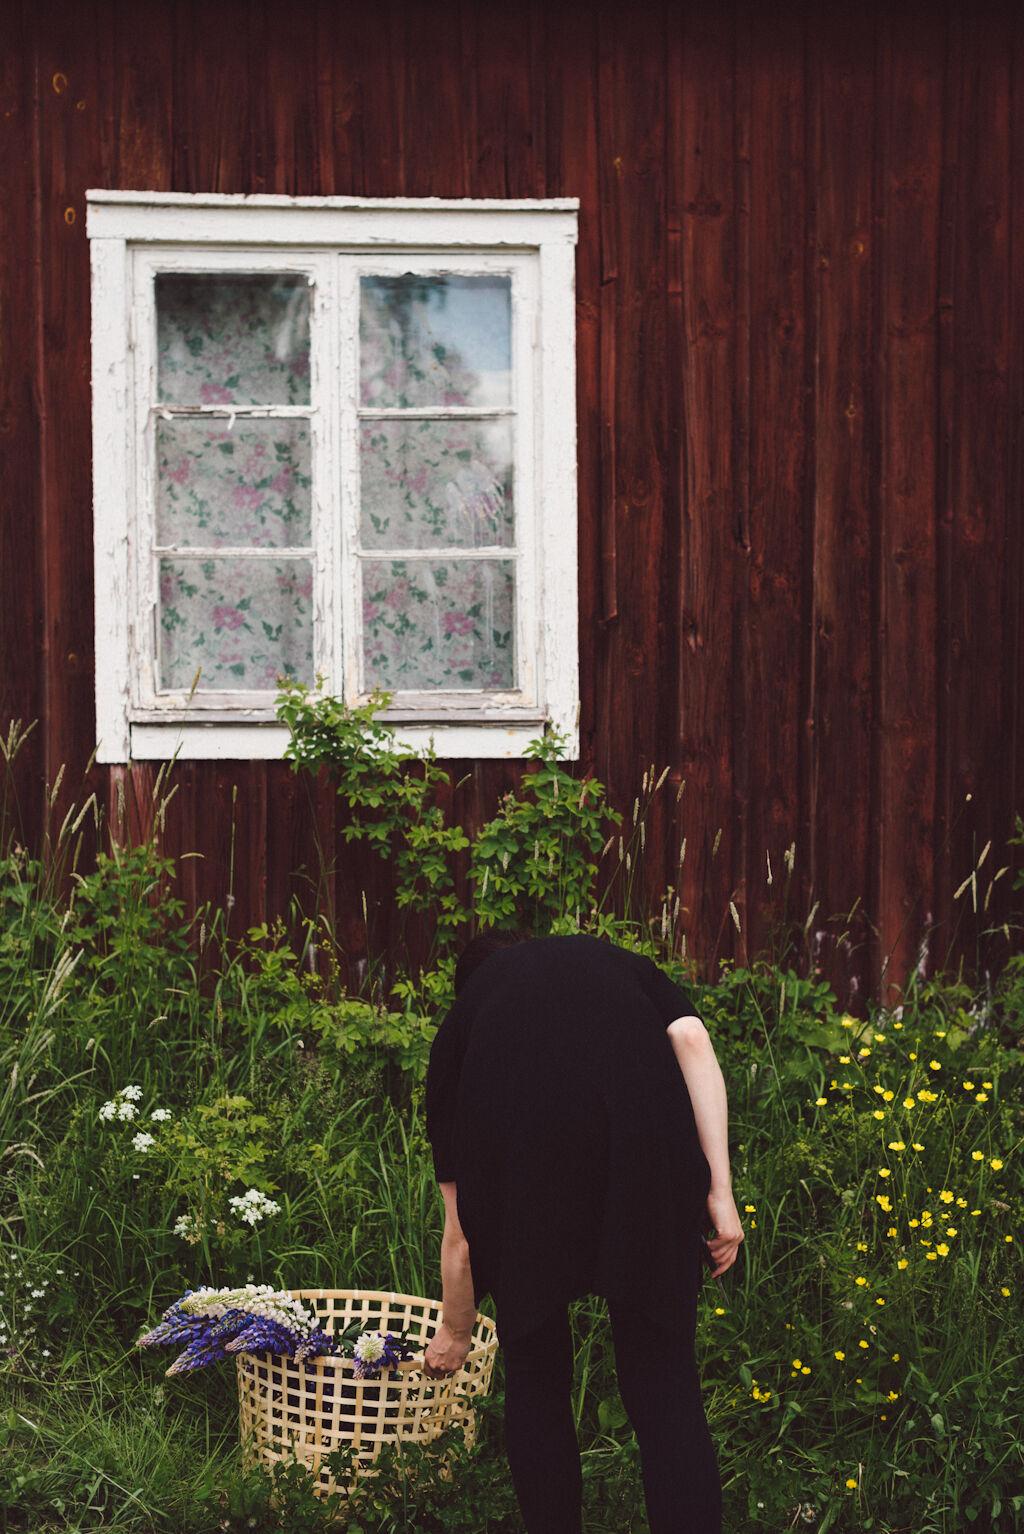 Babes_in_Boyland-Mindummer_flowers-2016-6